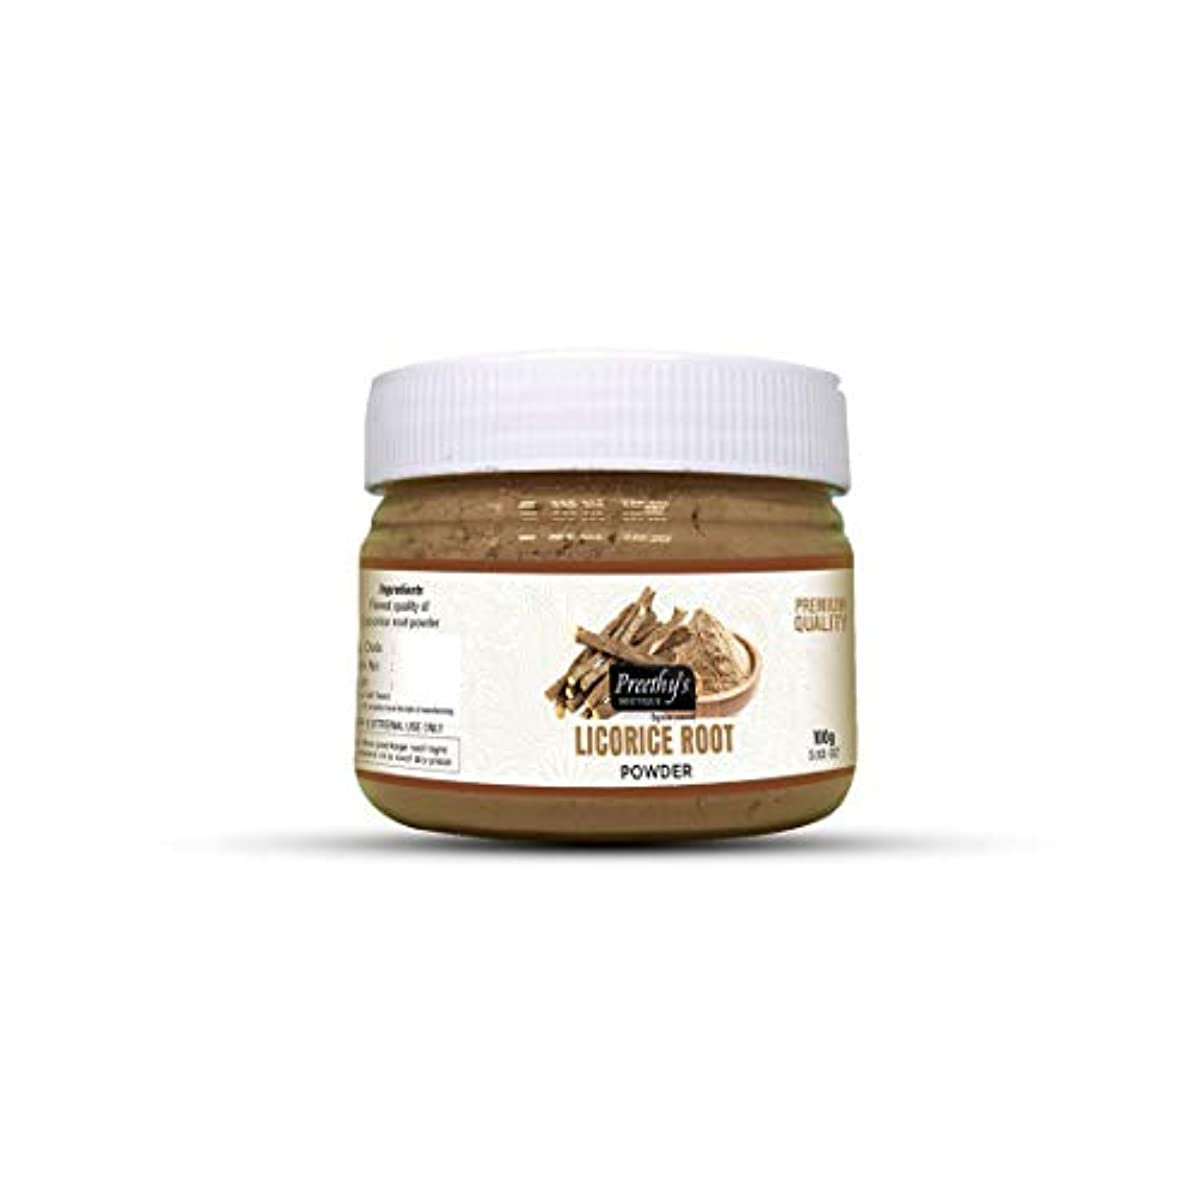 ばかげているみタイムリーなLicorice (Mulethi) Powder For Skin Whitening 100 Grams - Natural Remedies for Skin disorders - Helps to diminish and lighten dark spots, age spots, blackheads, whiteheads - 100グラムを白くする肌用の甘草(Mulethi)パウダー-スキンブライトニング-ダークスポット、エイジスポット、にきび、ホワイトヘッドを減らして明るくするのに役立ちます